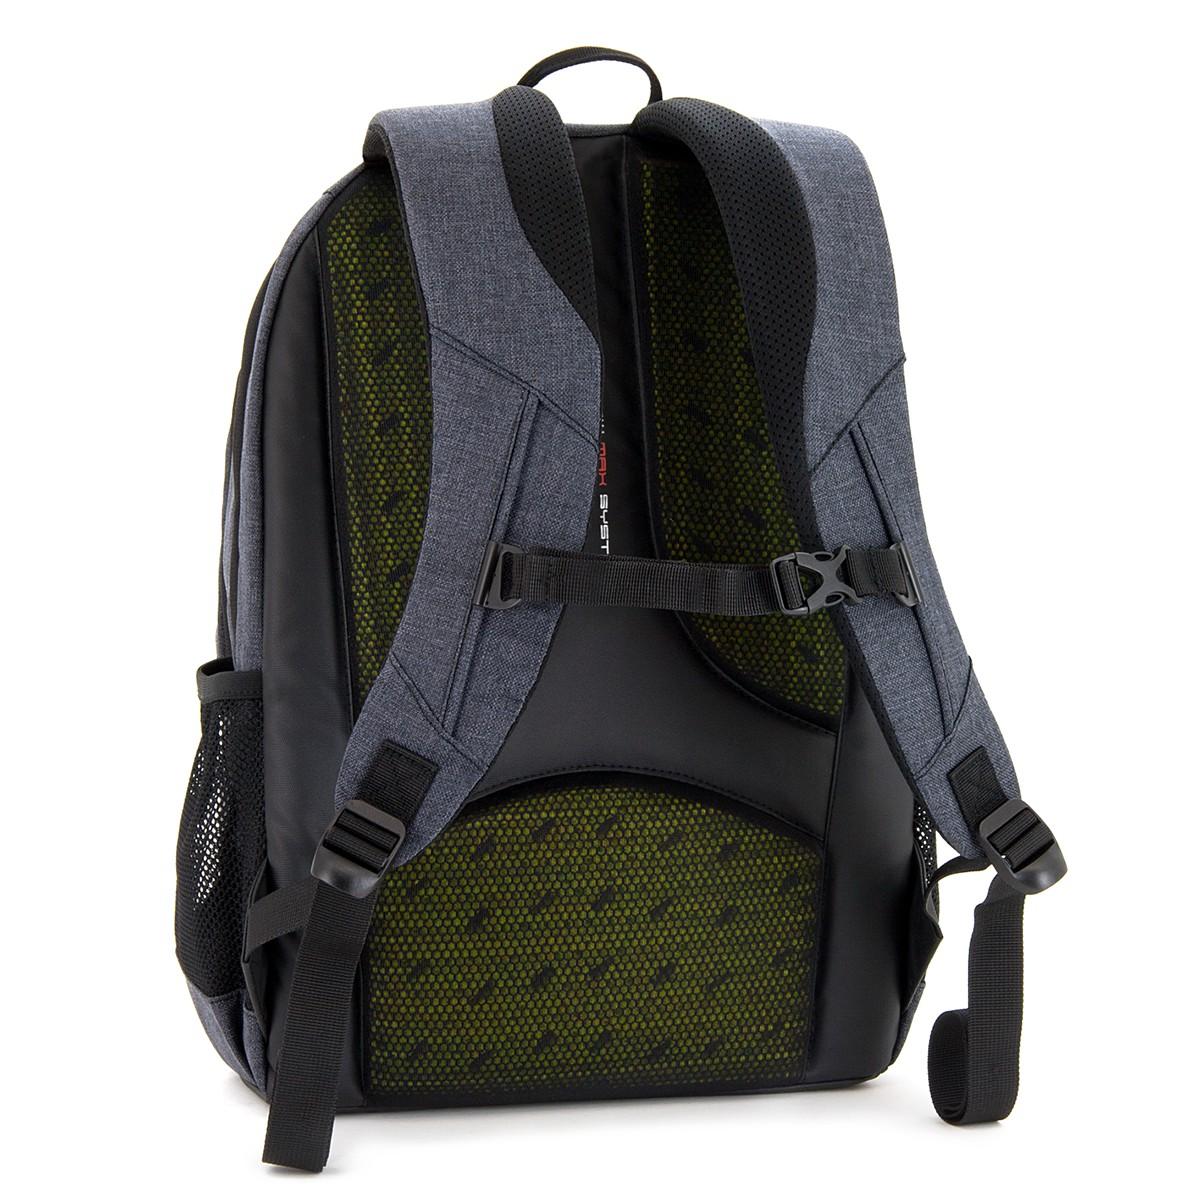 dfe44a1b6c ARS UNA 04 ergonomikus hátizsák, iskolatáska 91315281